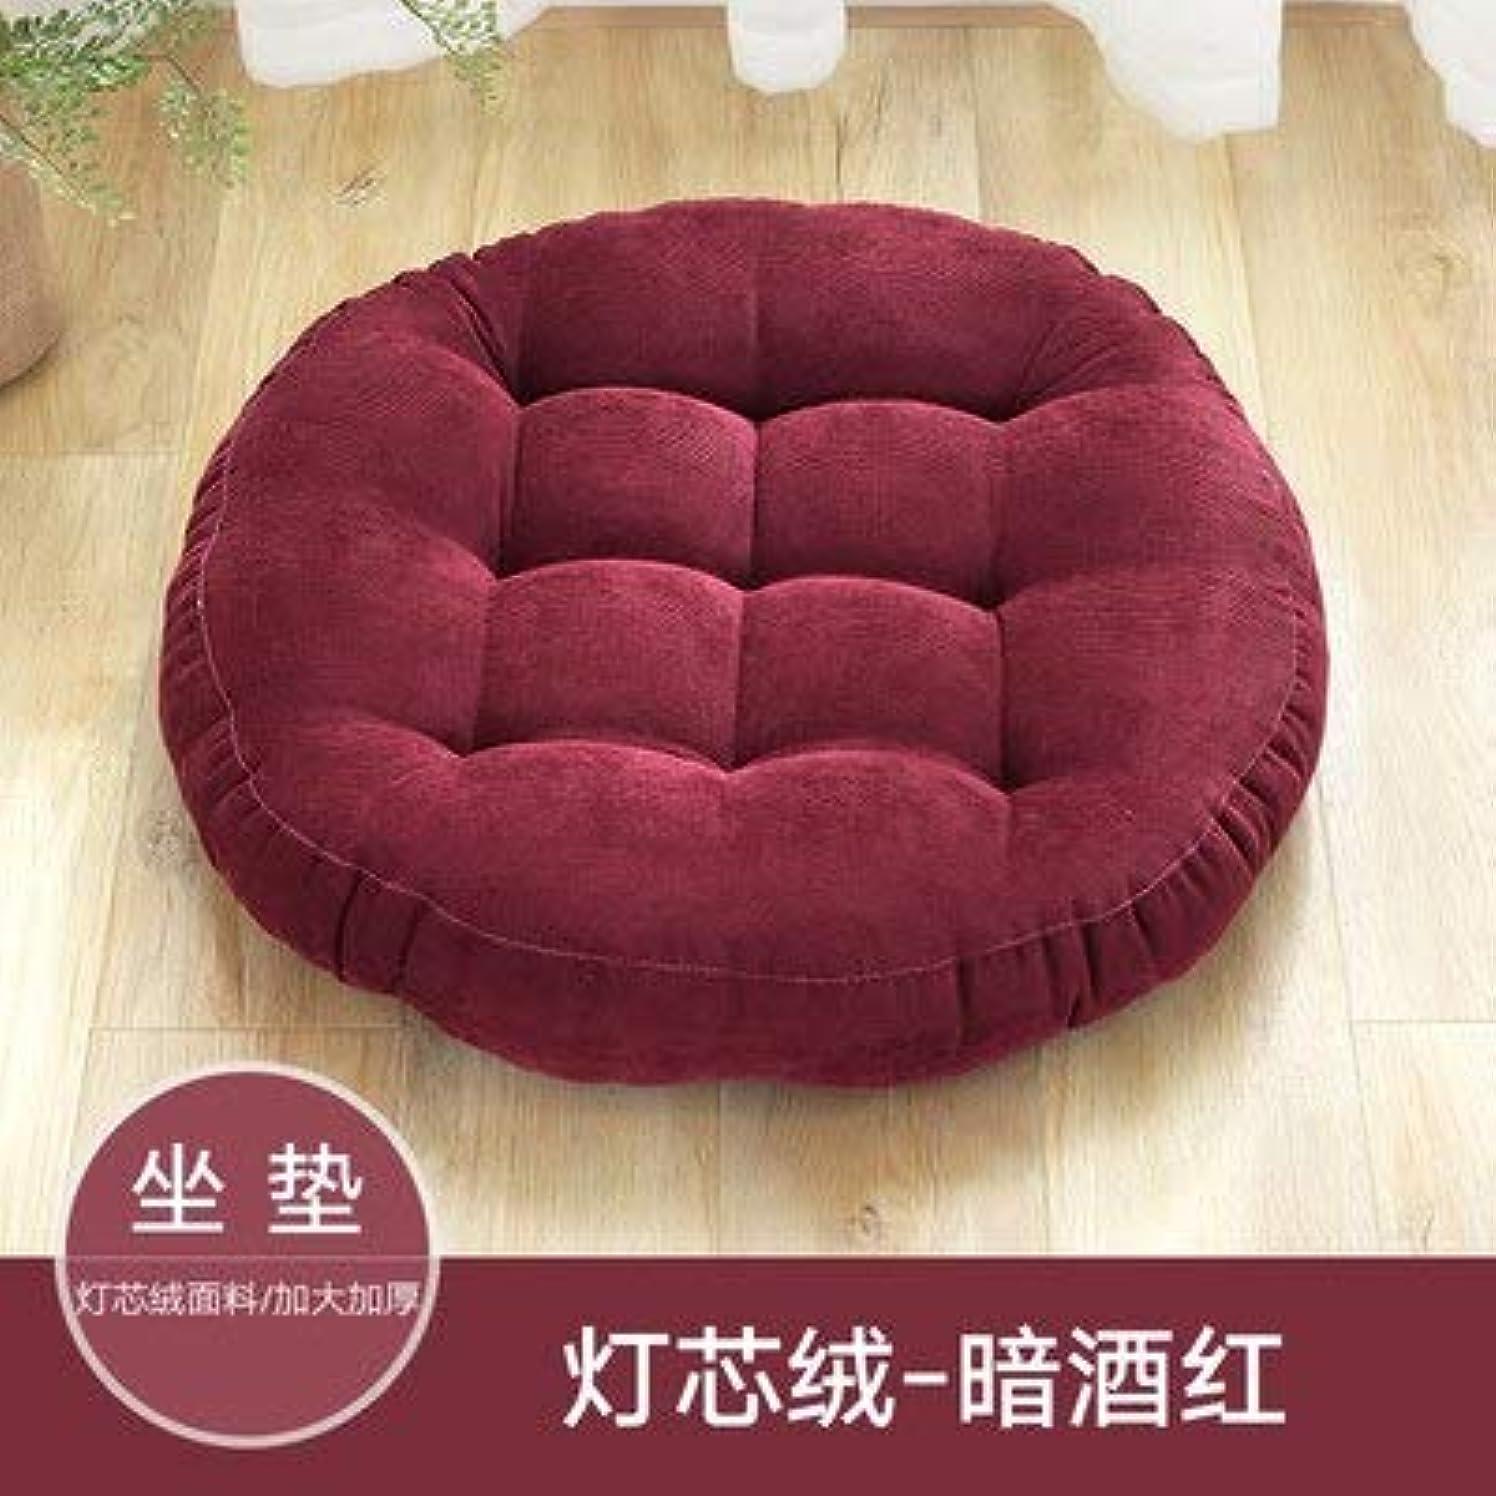 軽減するマウス離れてLIFE ラウンド厚い椅子のクッションフロアマットレスシートパッドソフトホームオフィスチェアクッションマットソフトスロー枕最高品質の床クッション クッション 椅子